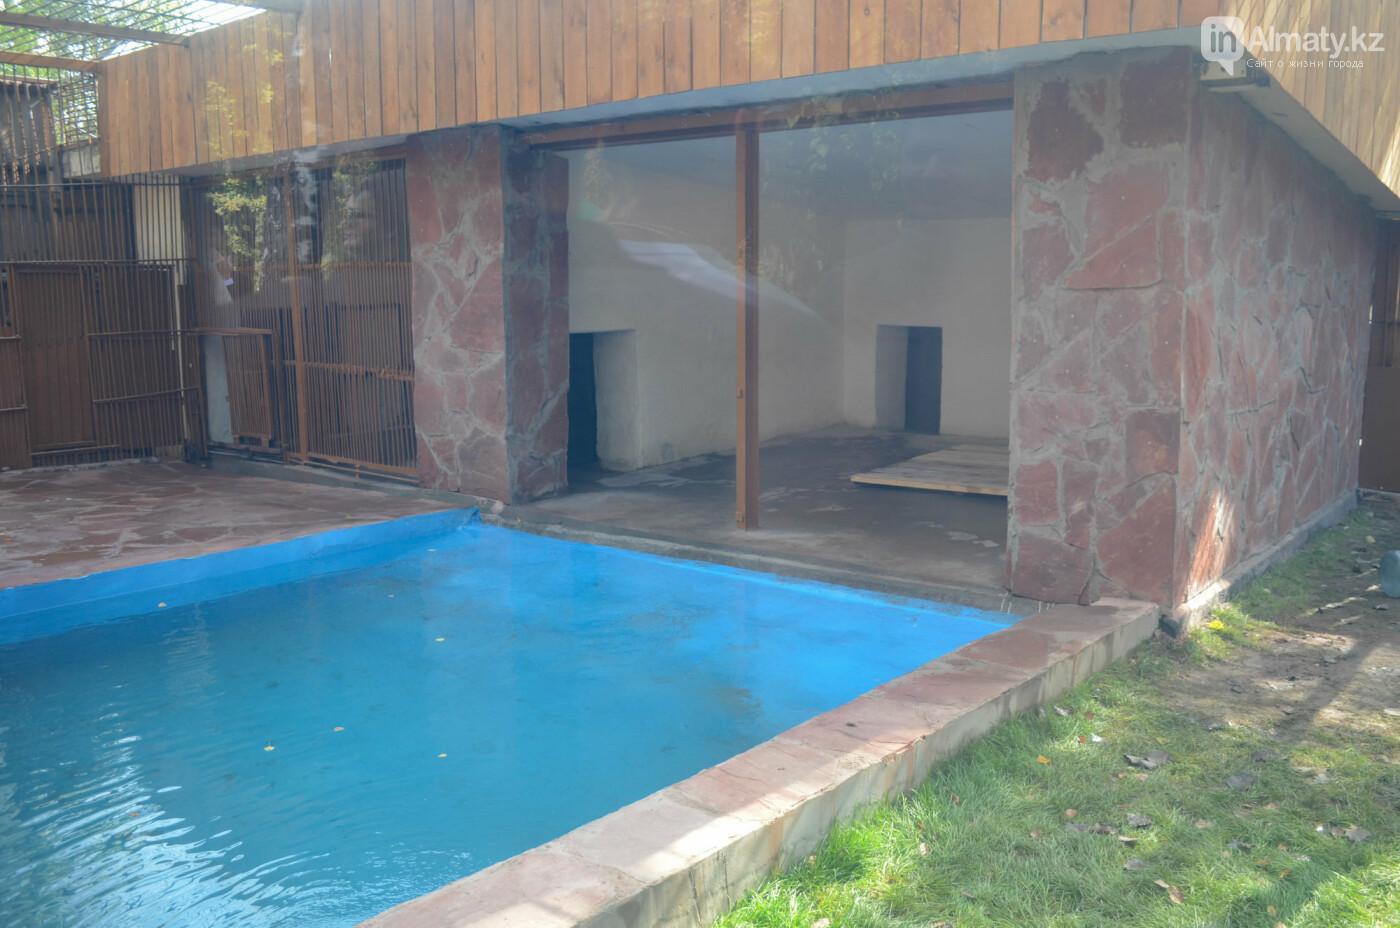 Медведь Акжолтай обрел новый дом в алматинском зоопарке (фото), фото-3